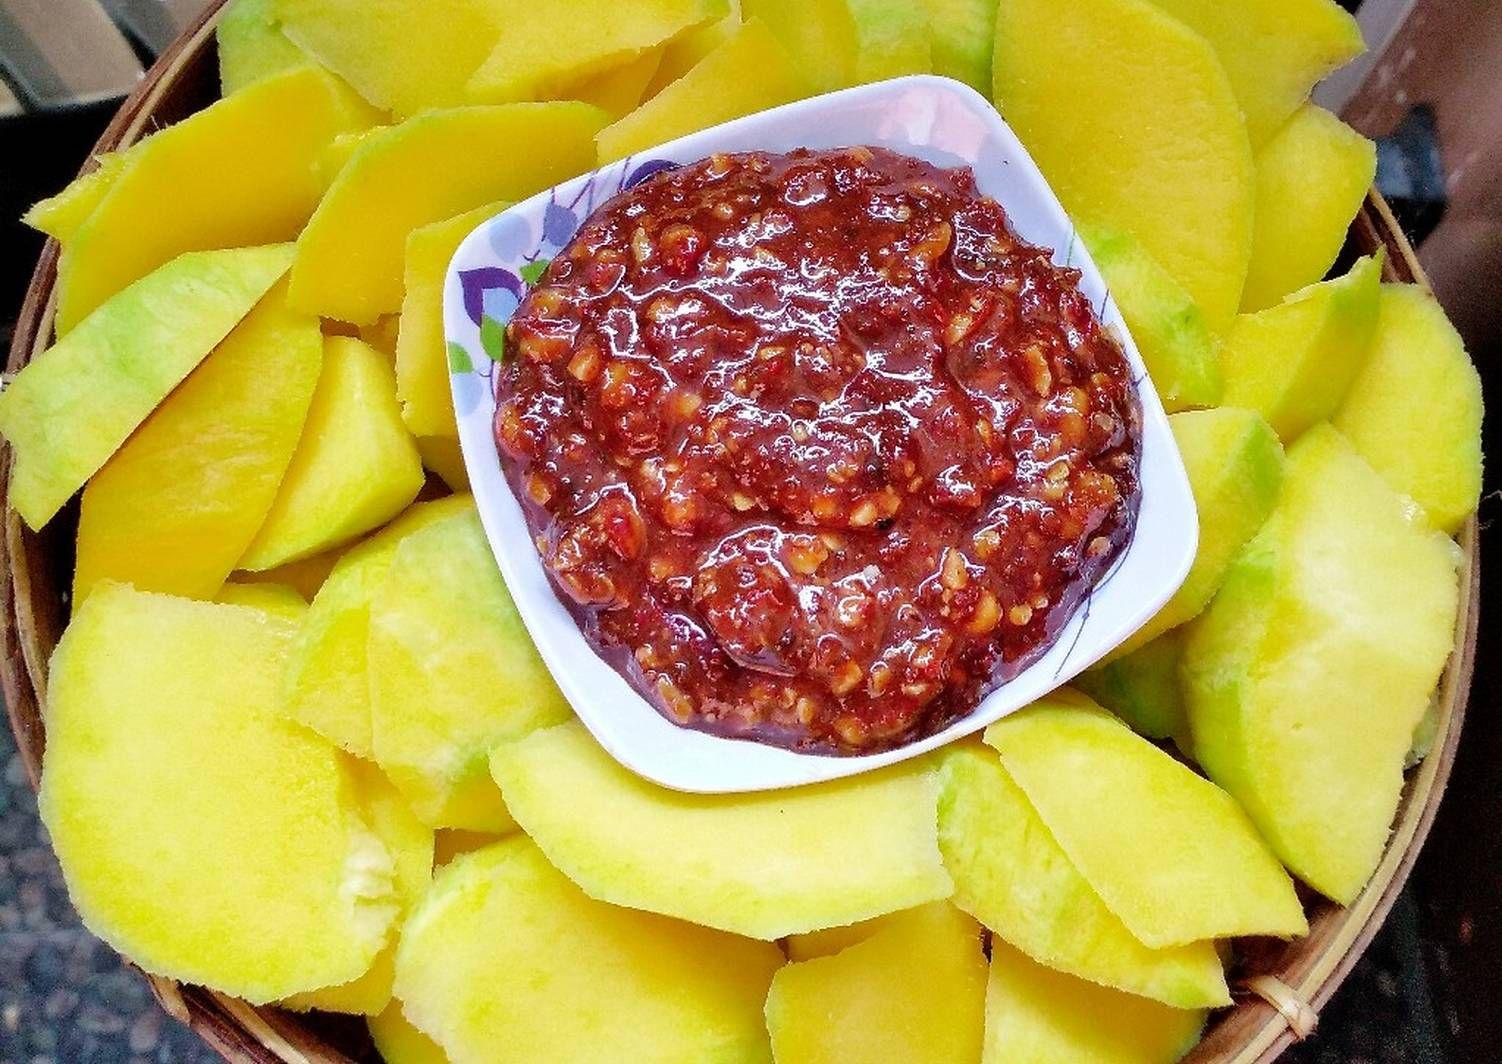 Resep Rujak Mangga Oleh Susan Mellyani Resep Makanan Dan Minuman Memasak Makanan